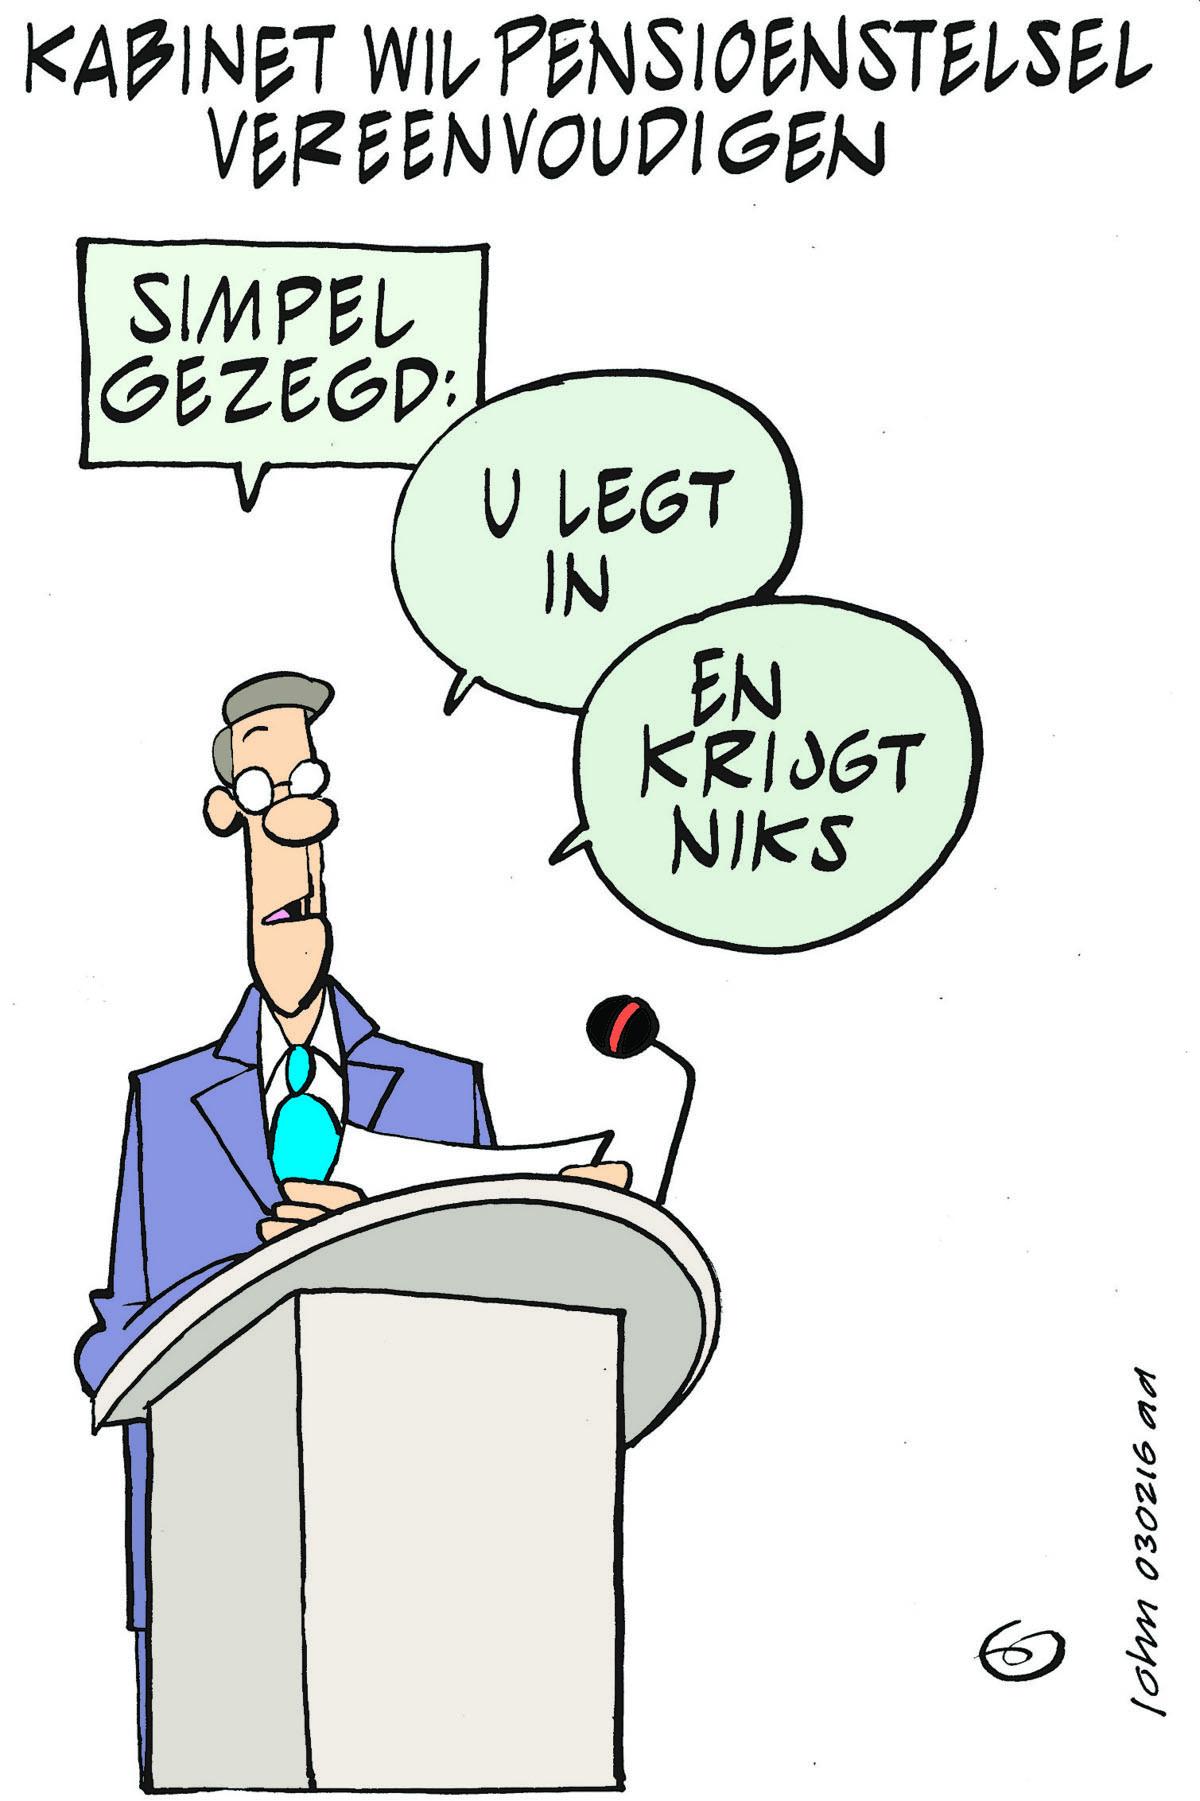 pensioenstelsel